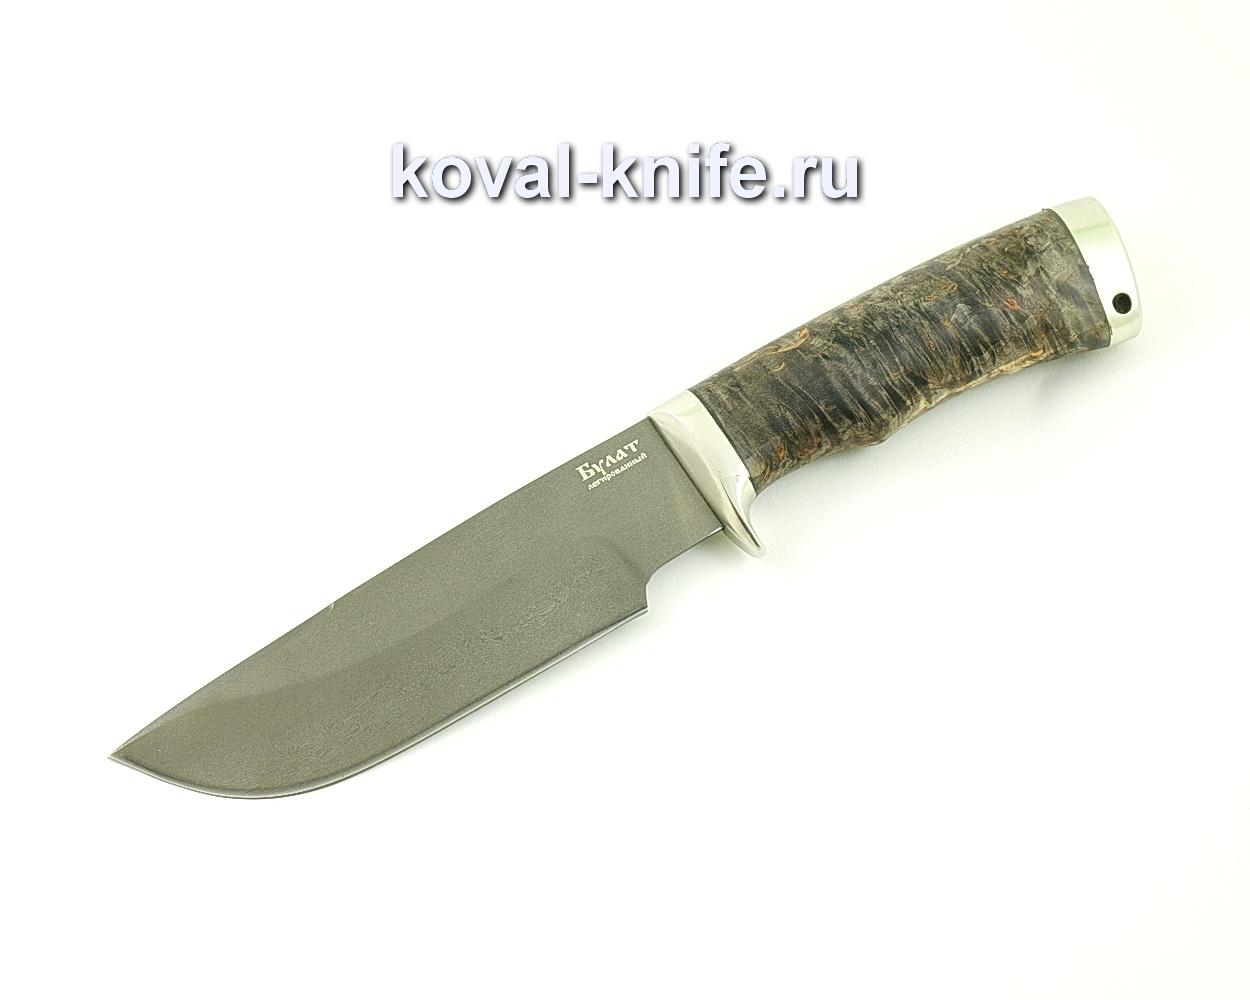 Нож из булатной стали Барс (Легированный булат, рукоять стабилизированная карельская береза, литье мельхиор) A481